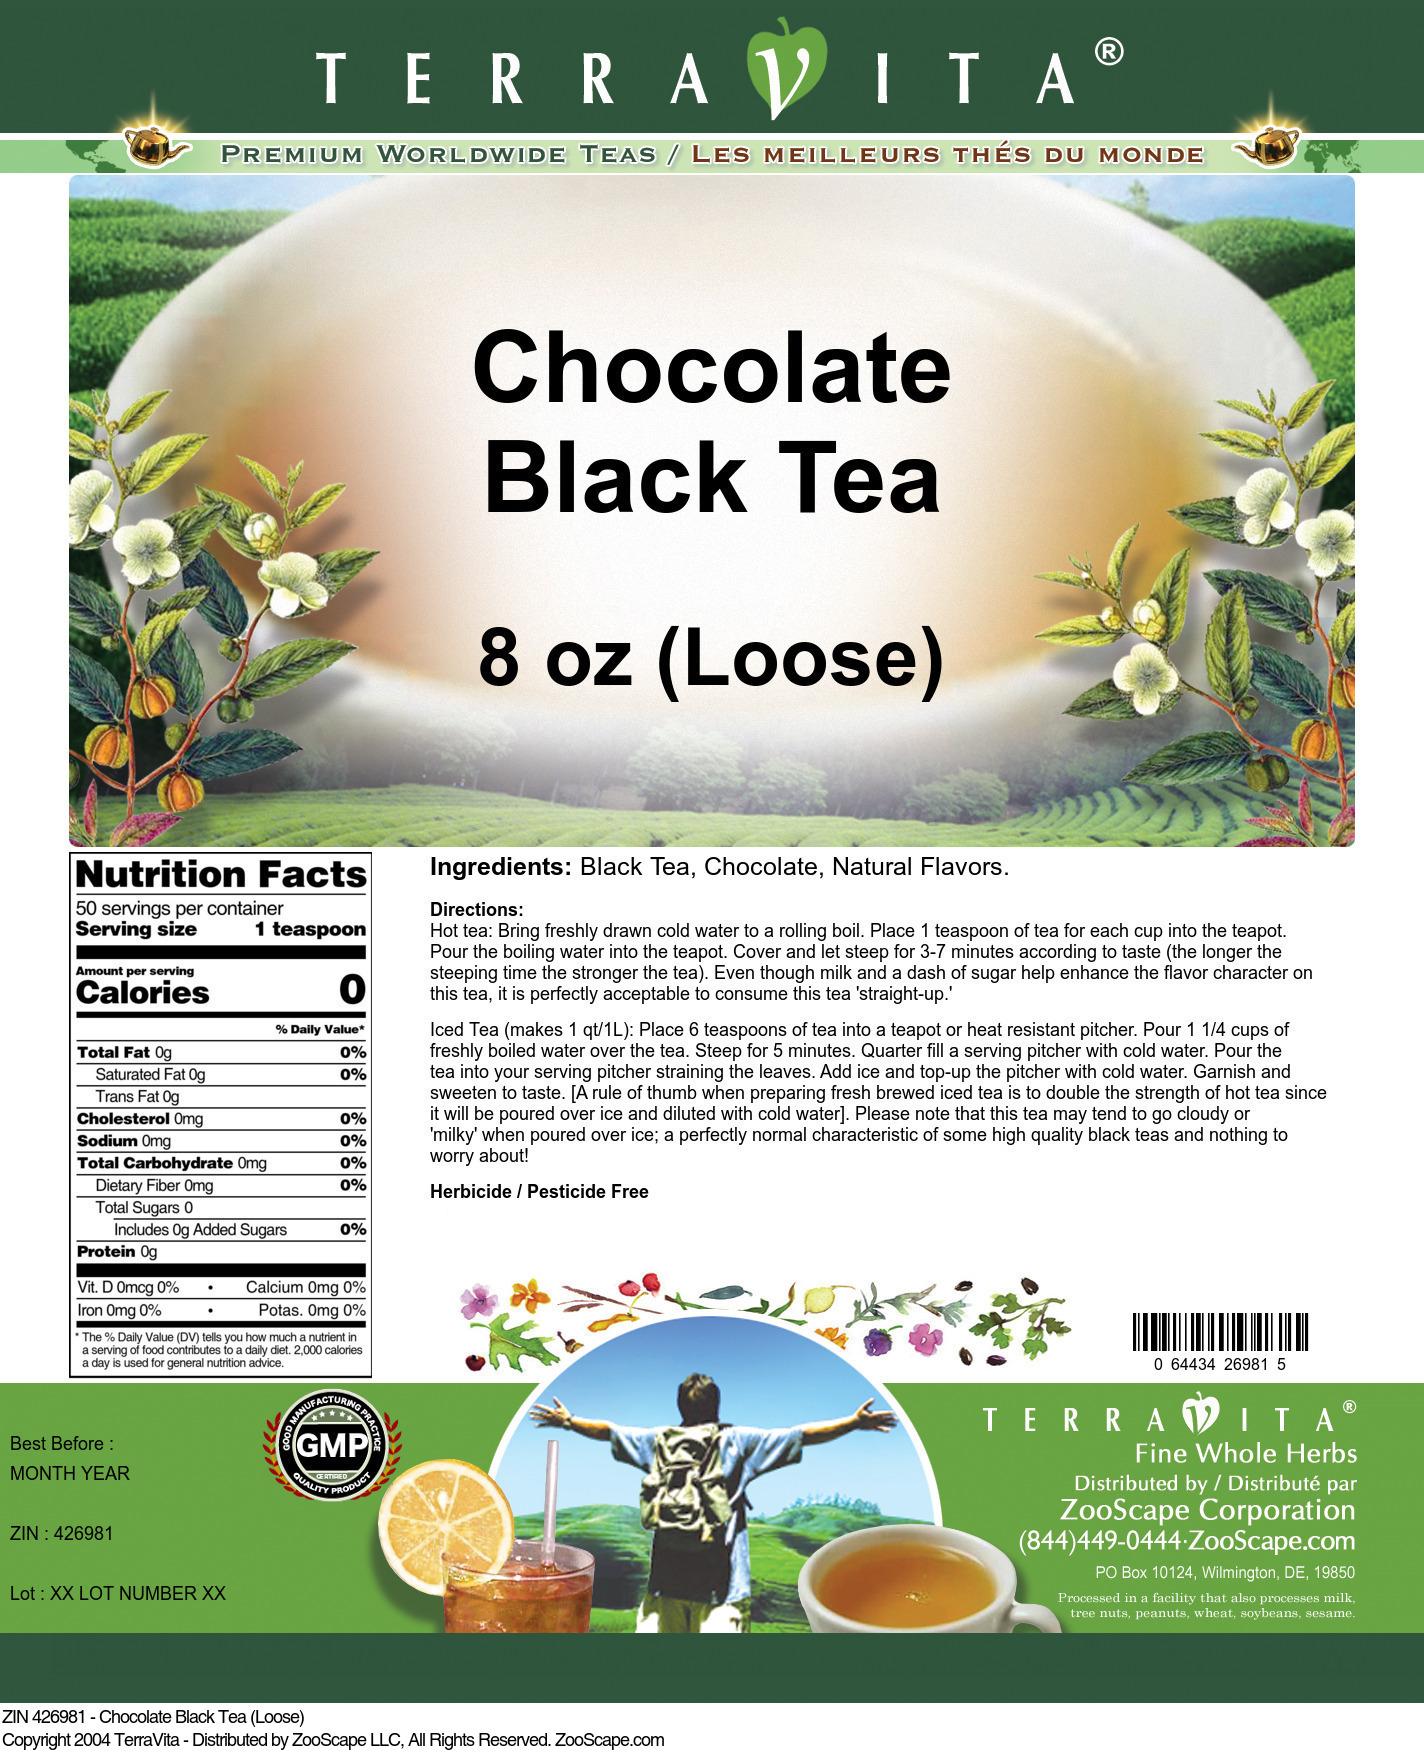 Chocolate Black Tea (Loose)